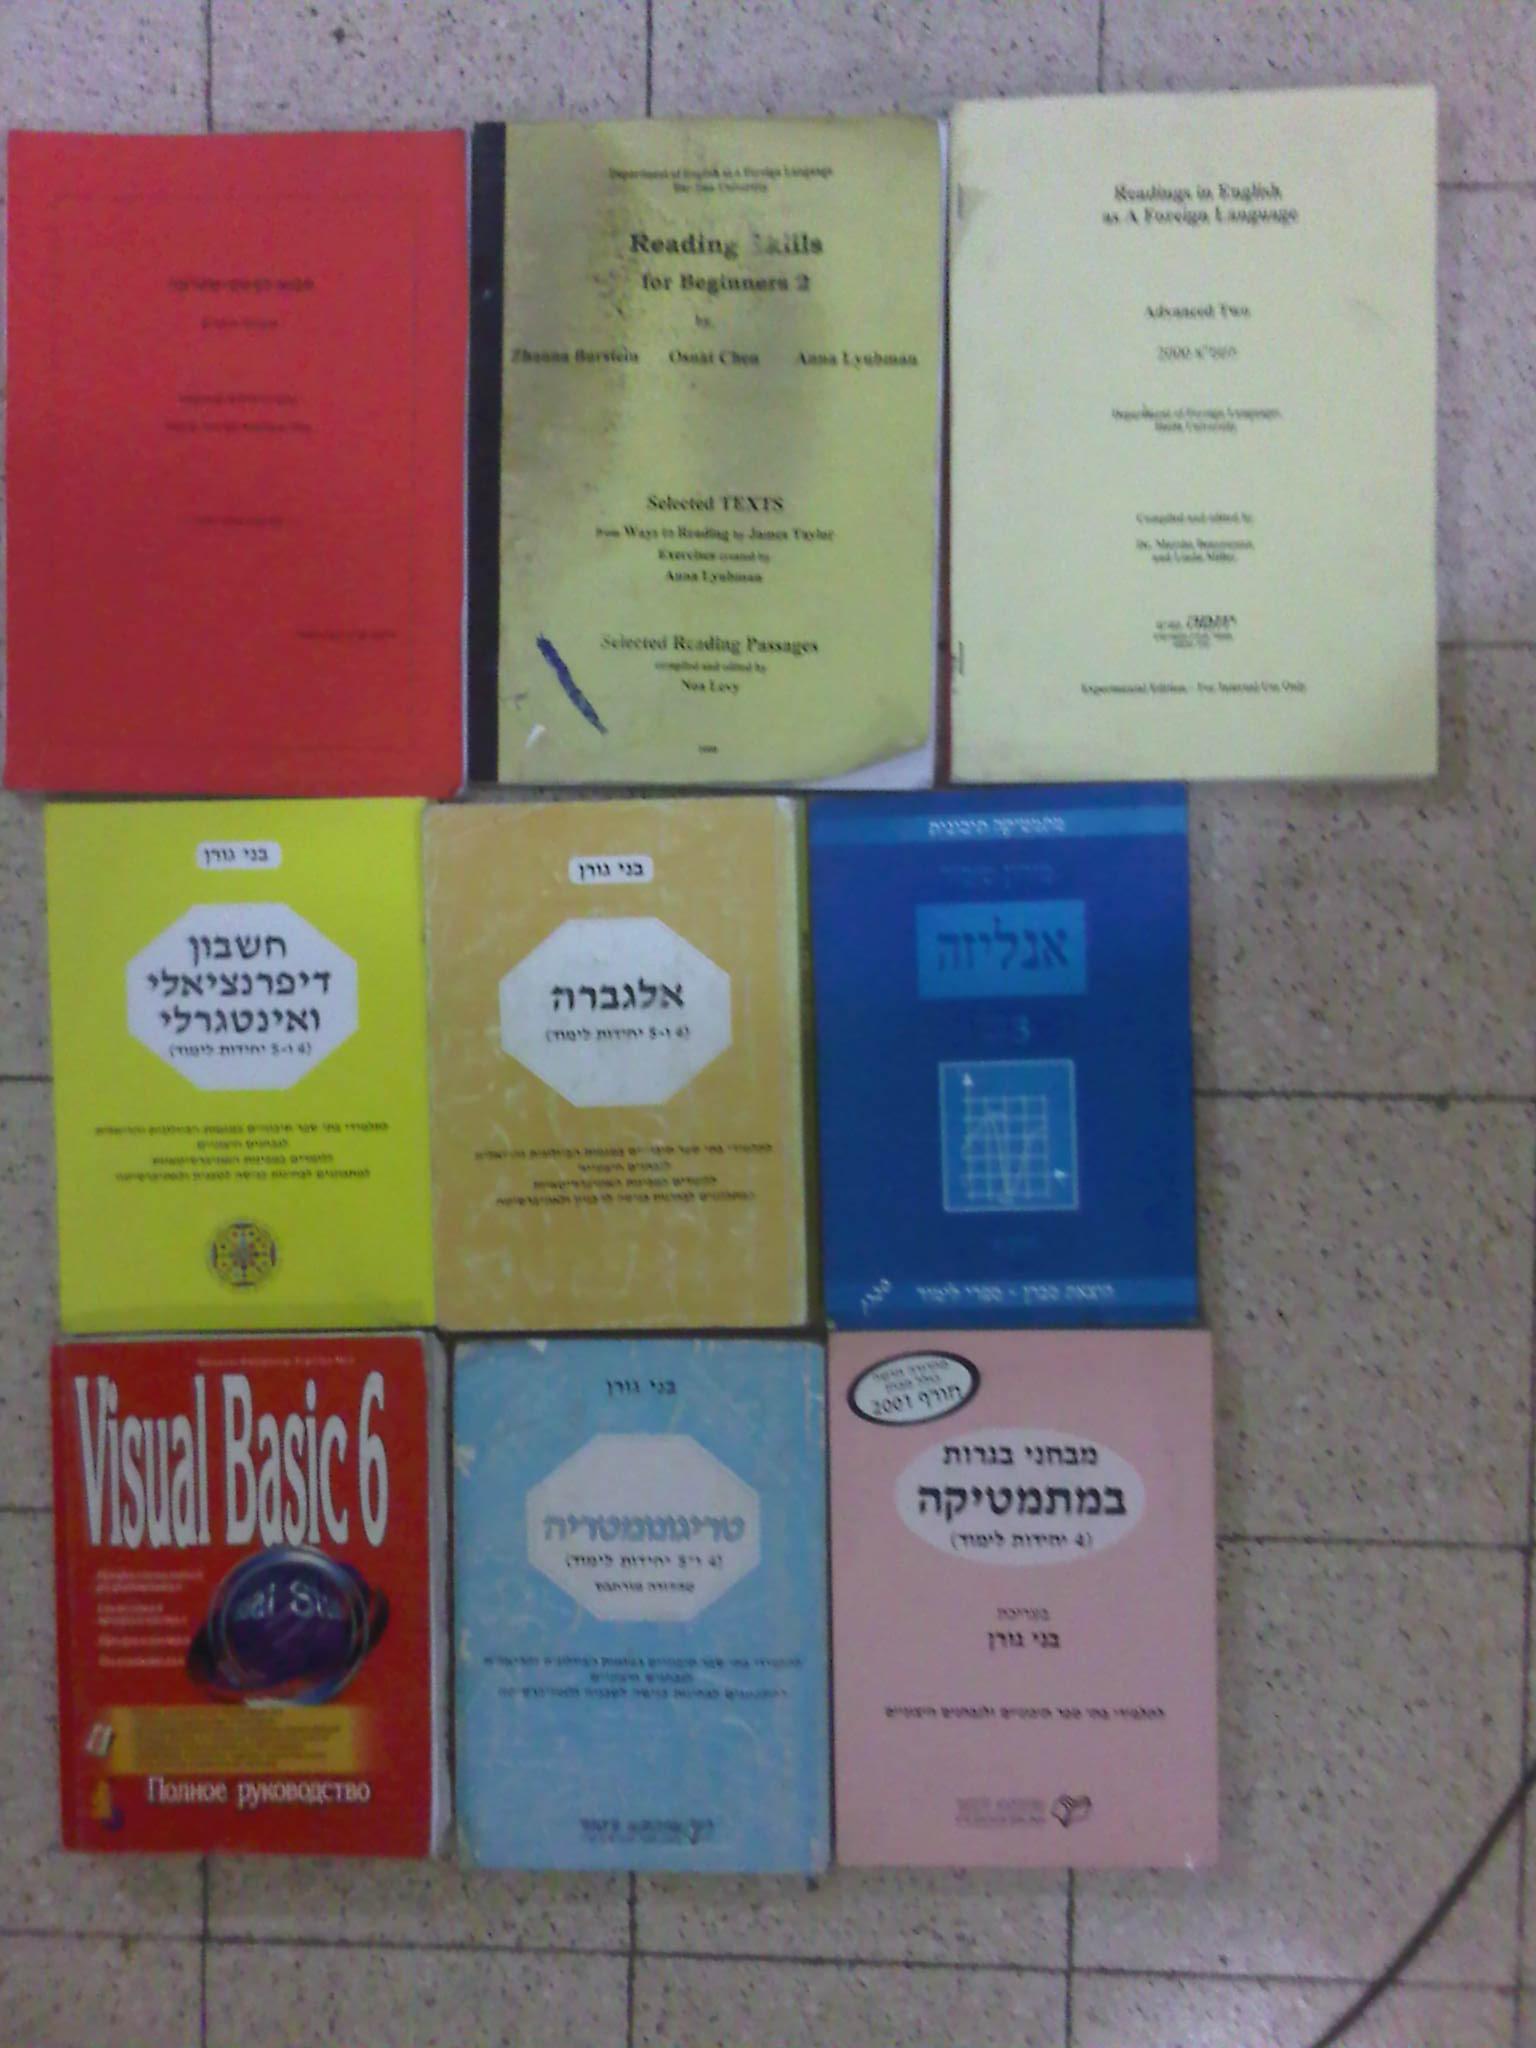 книги, учебники, ТВ на отдачу IMG00146-20121212-1223